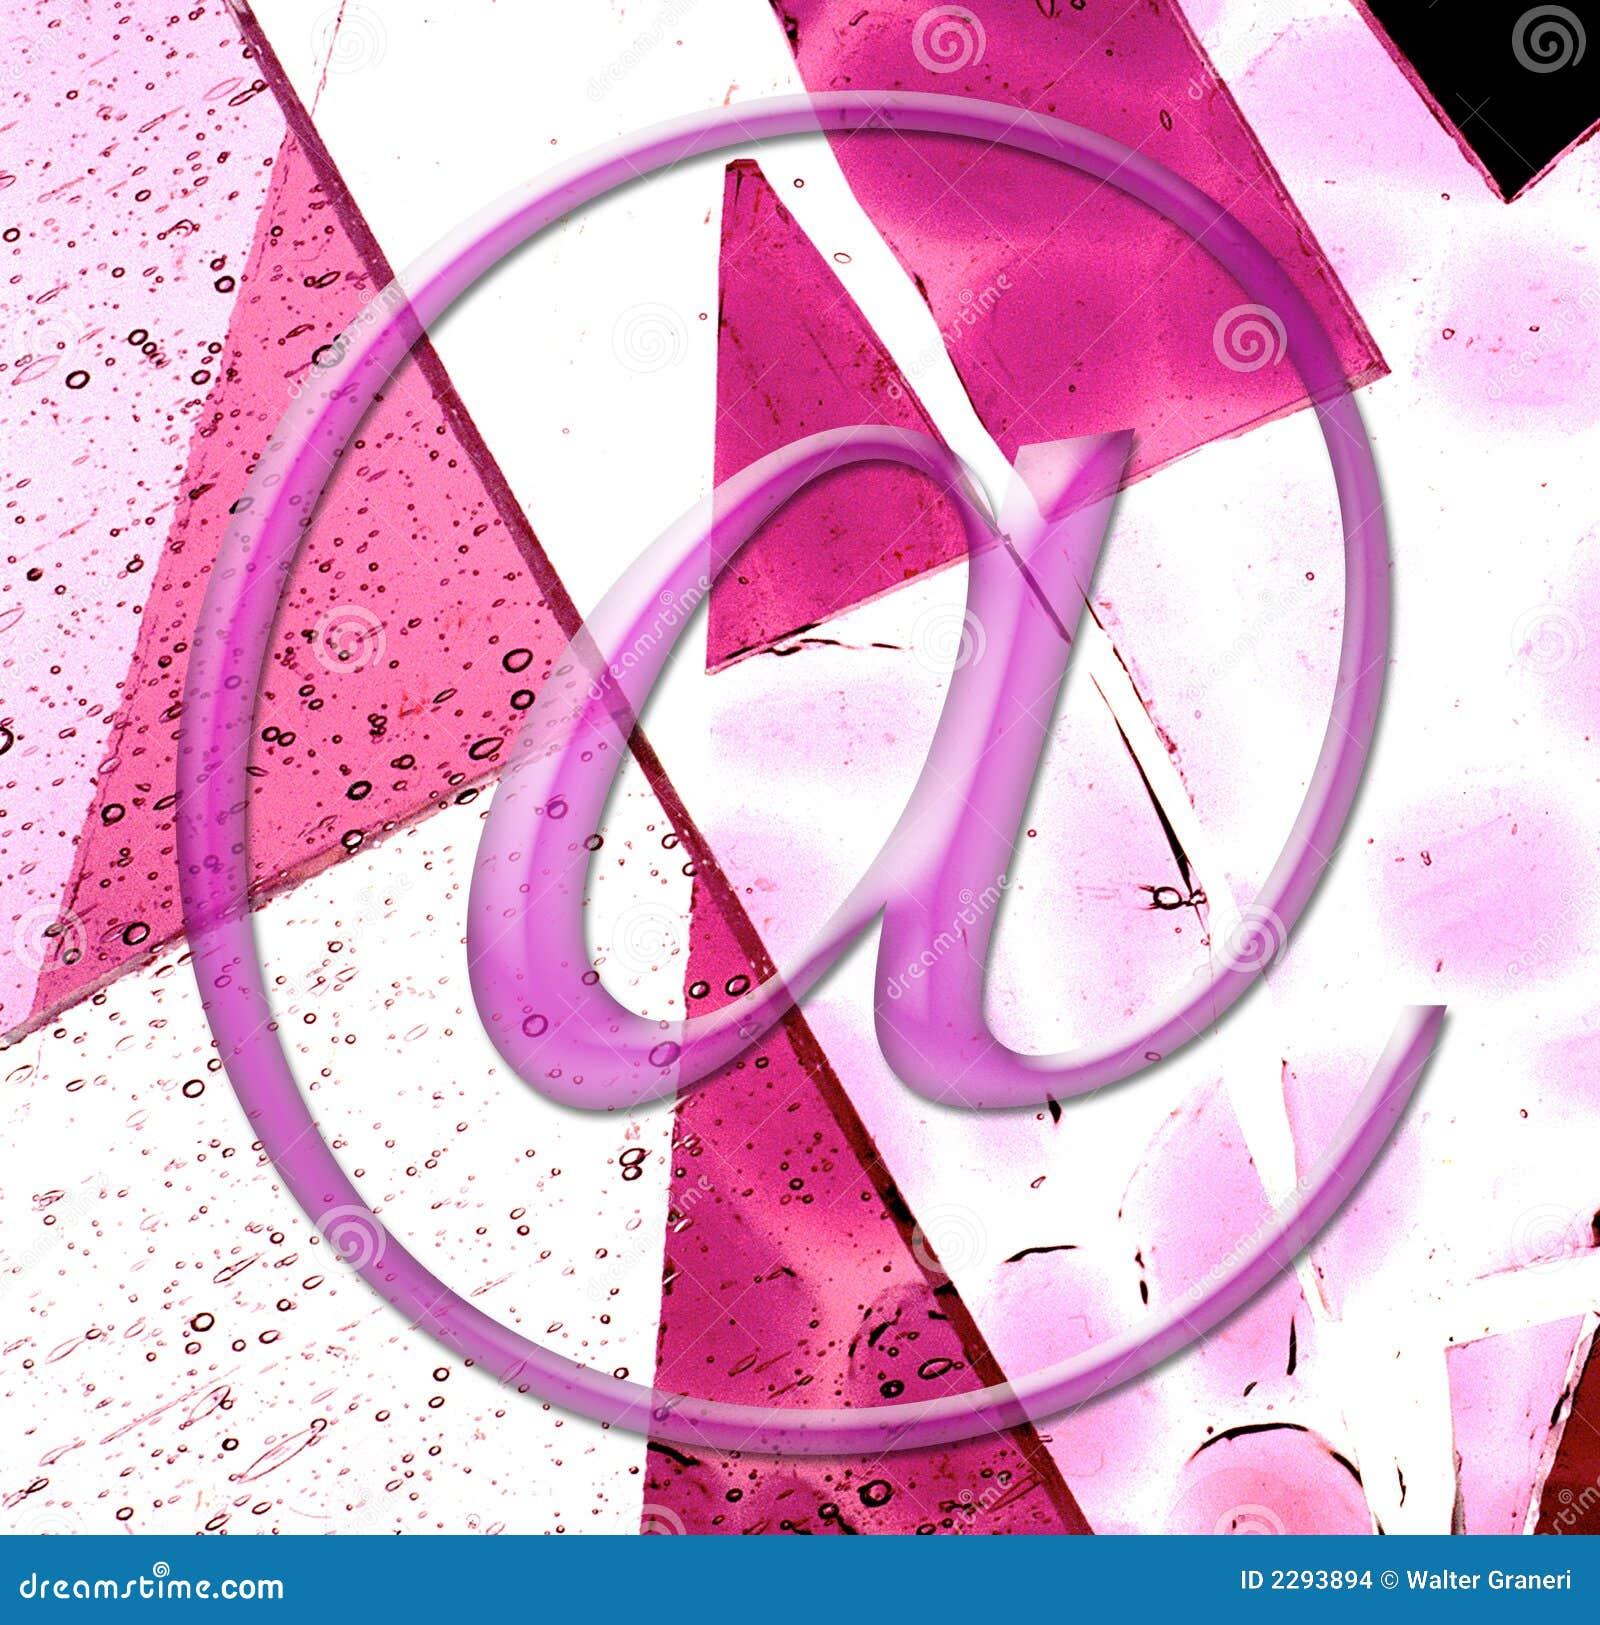 E - mail, symbol